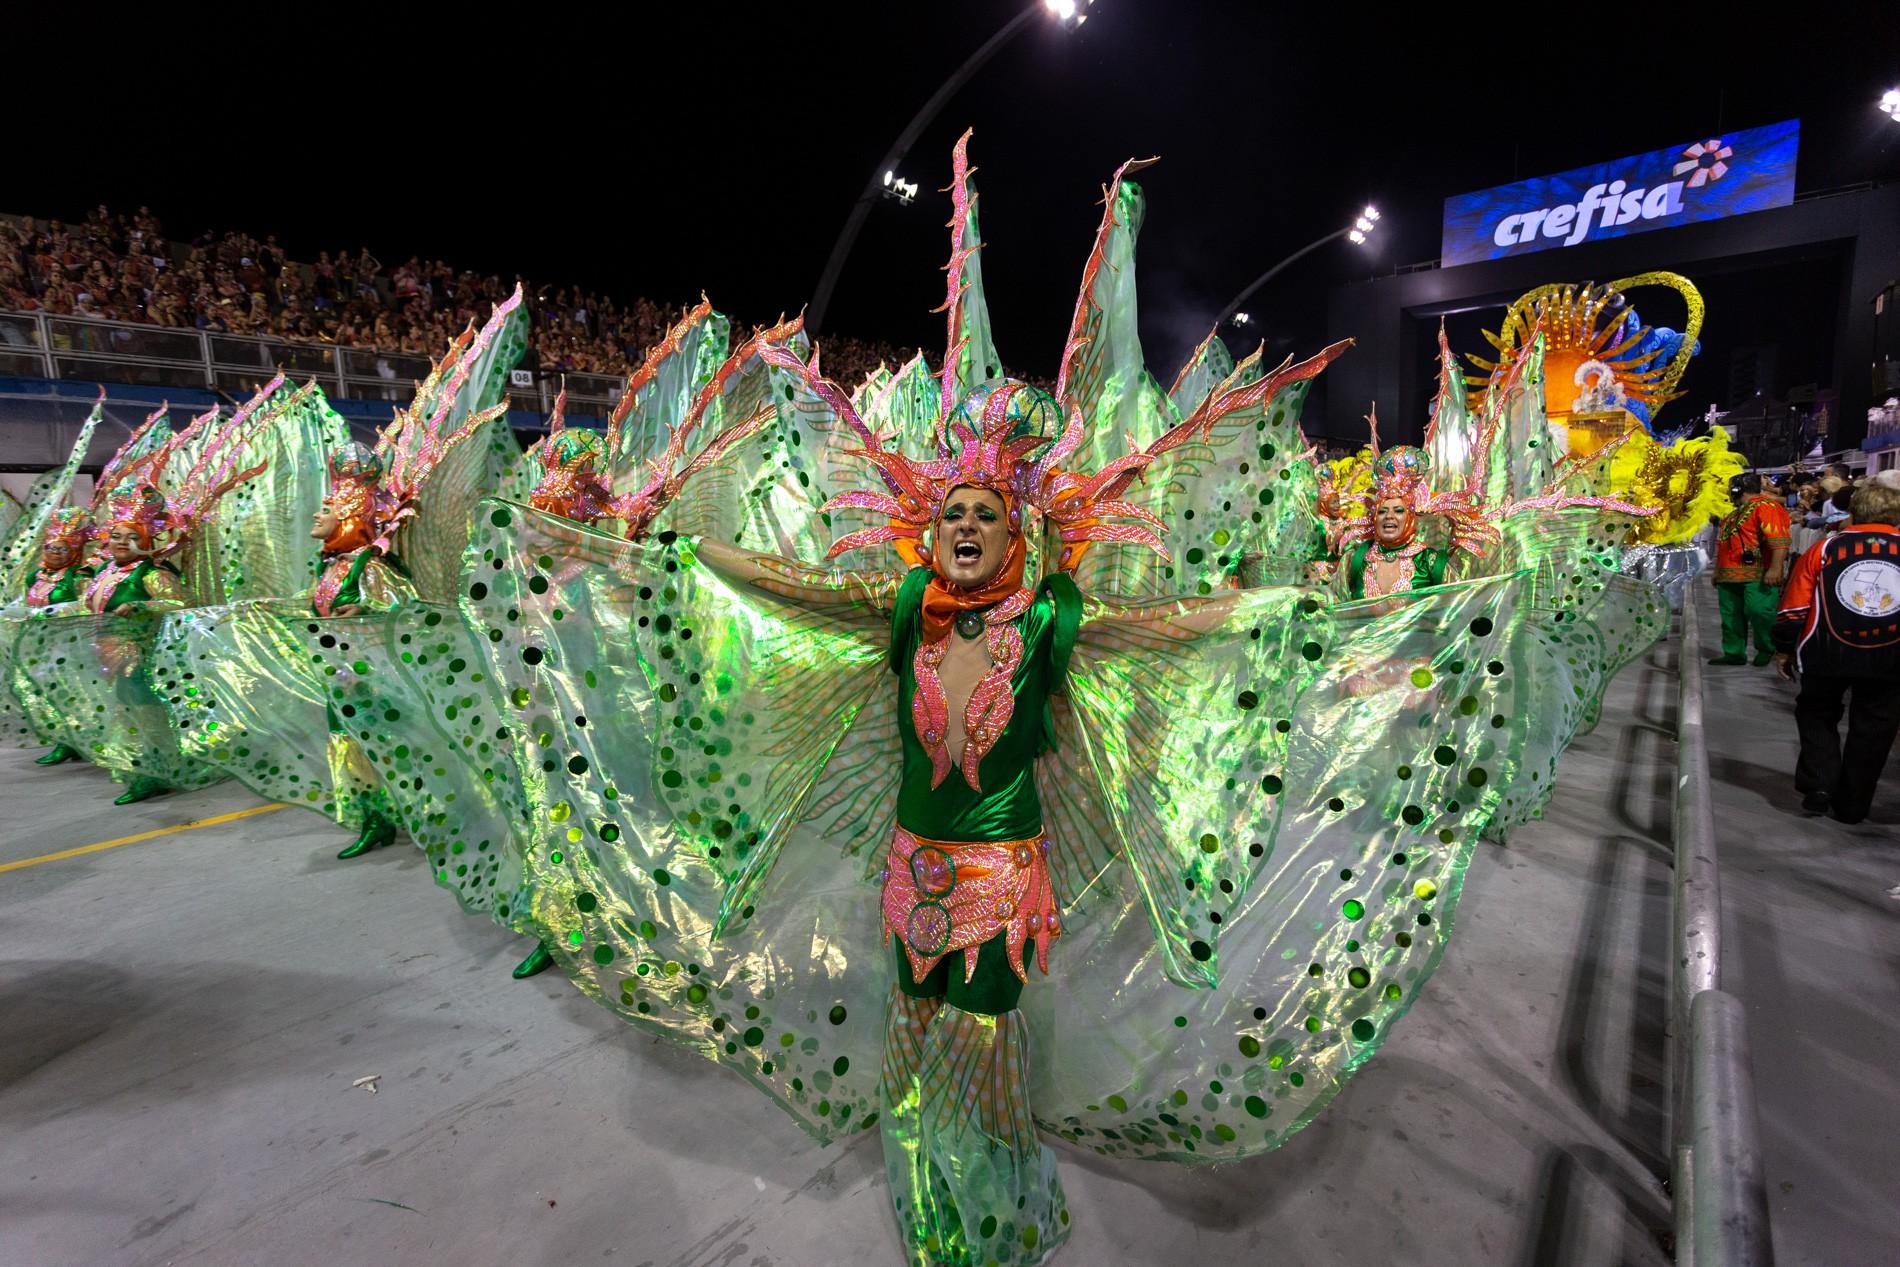 Sete escolas do Grupo Especial do carnaval 2020 desfilam neste sábado em São Paulo